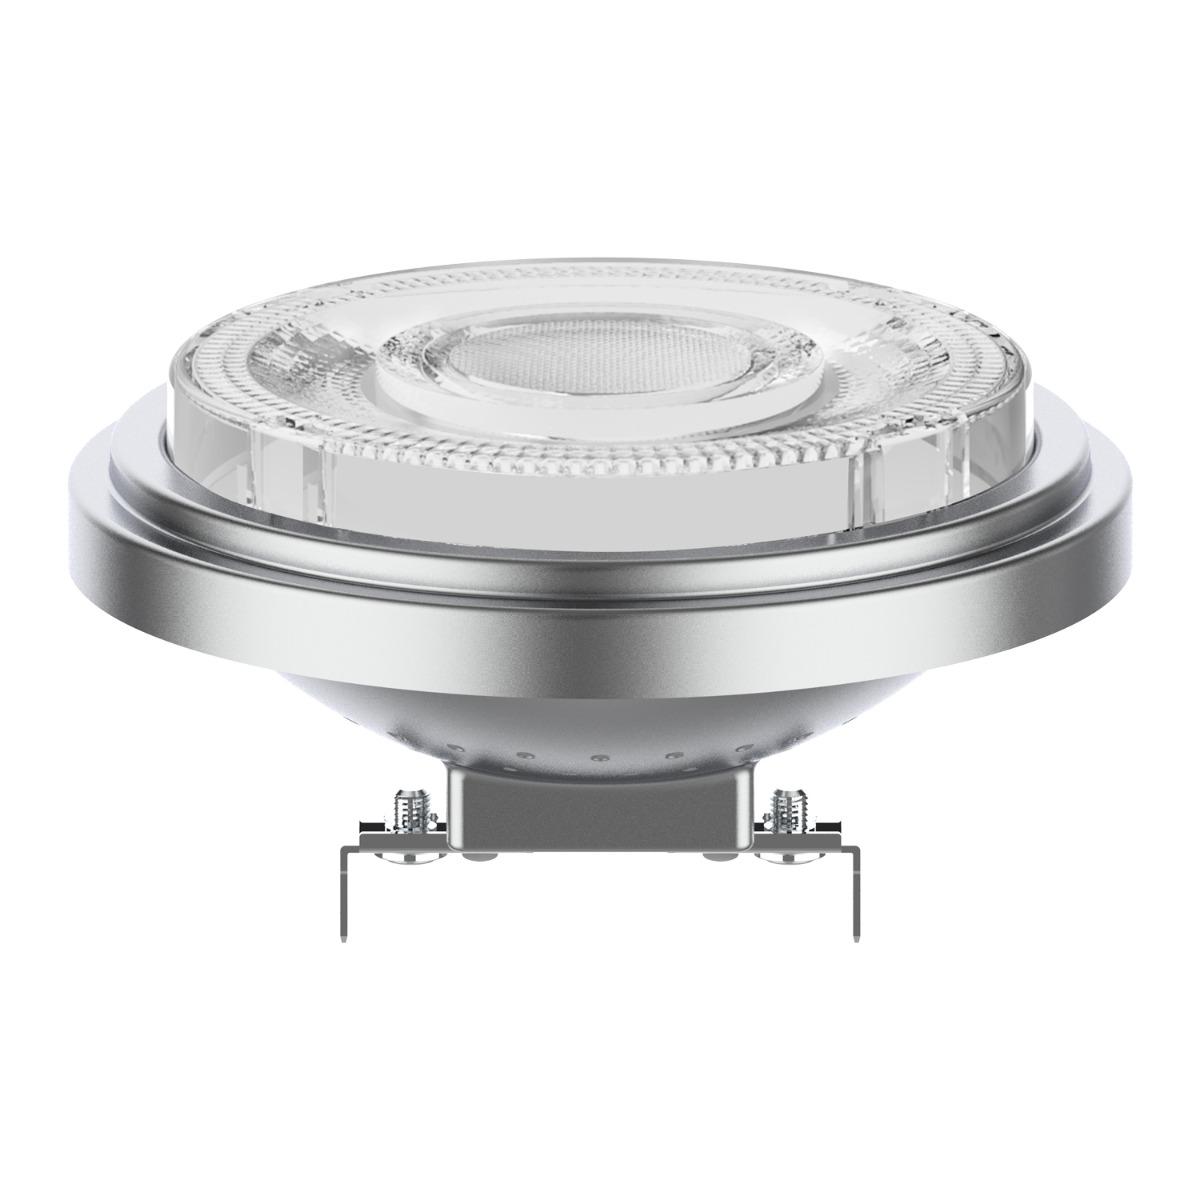 Noxion Lucent LED Spot AR111 G53 12V 7.3W 930 24D | Dimbaar - Beste Kleurweergave - Vervangt 50W